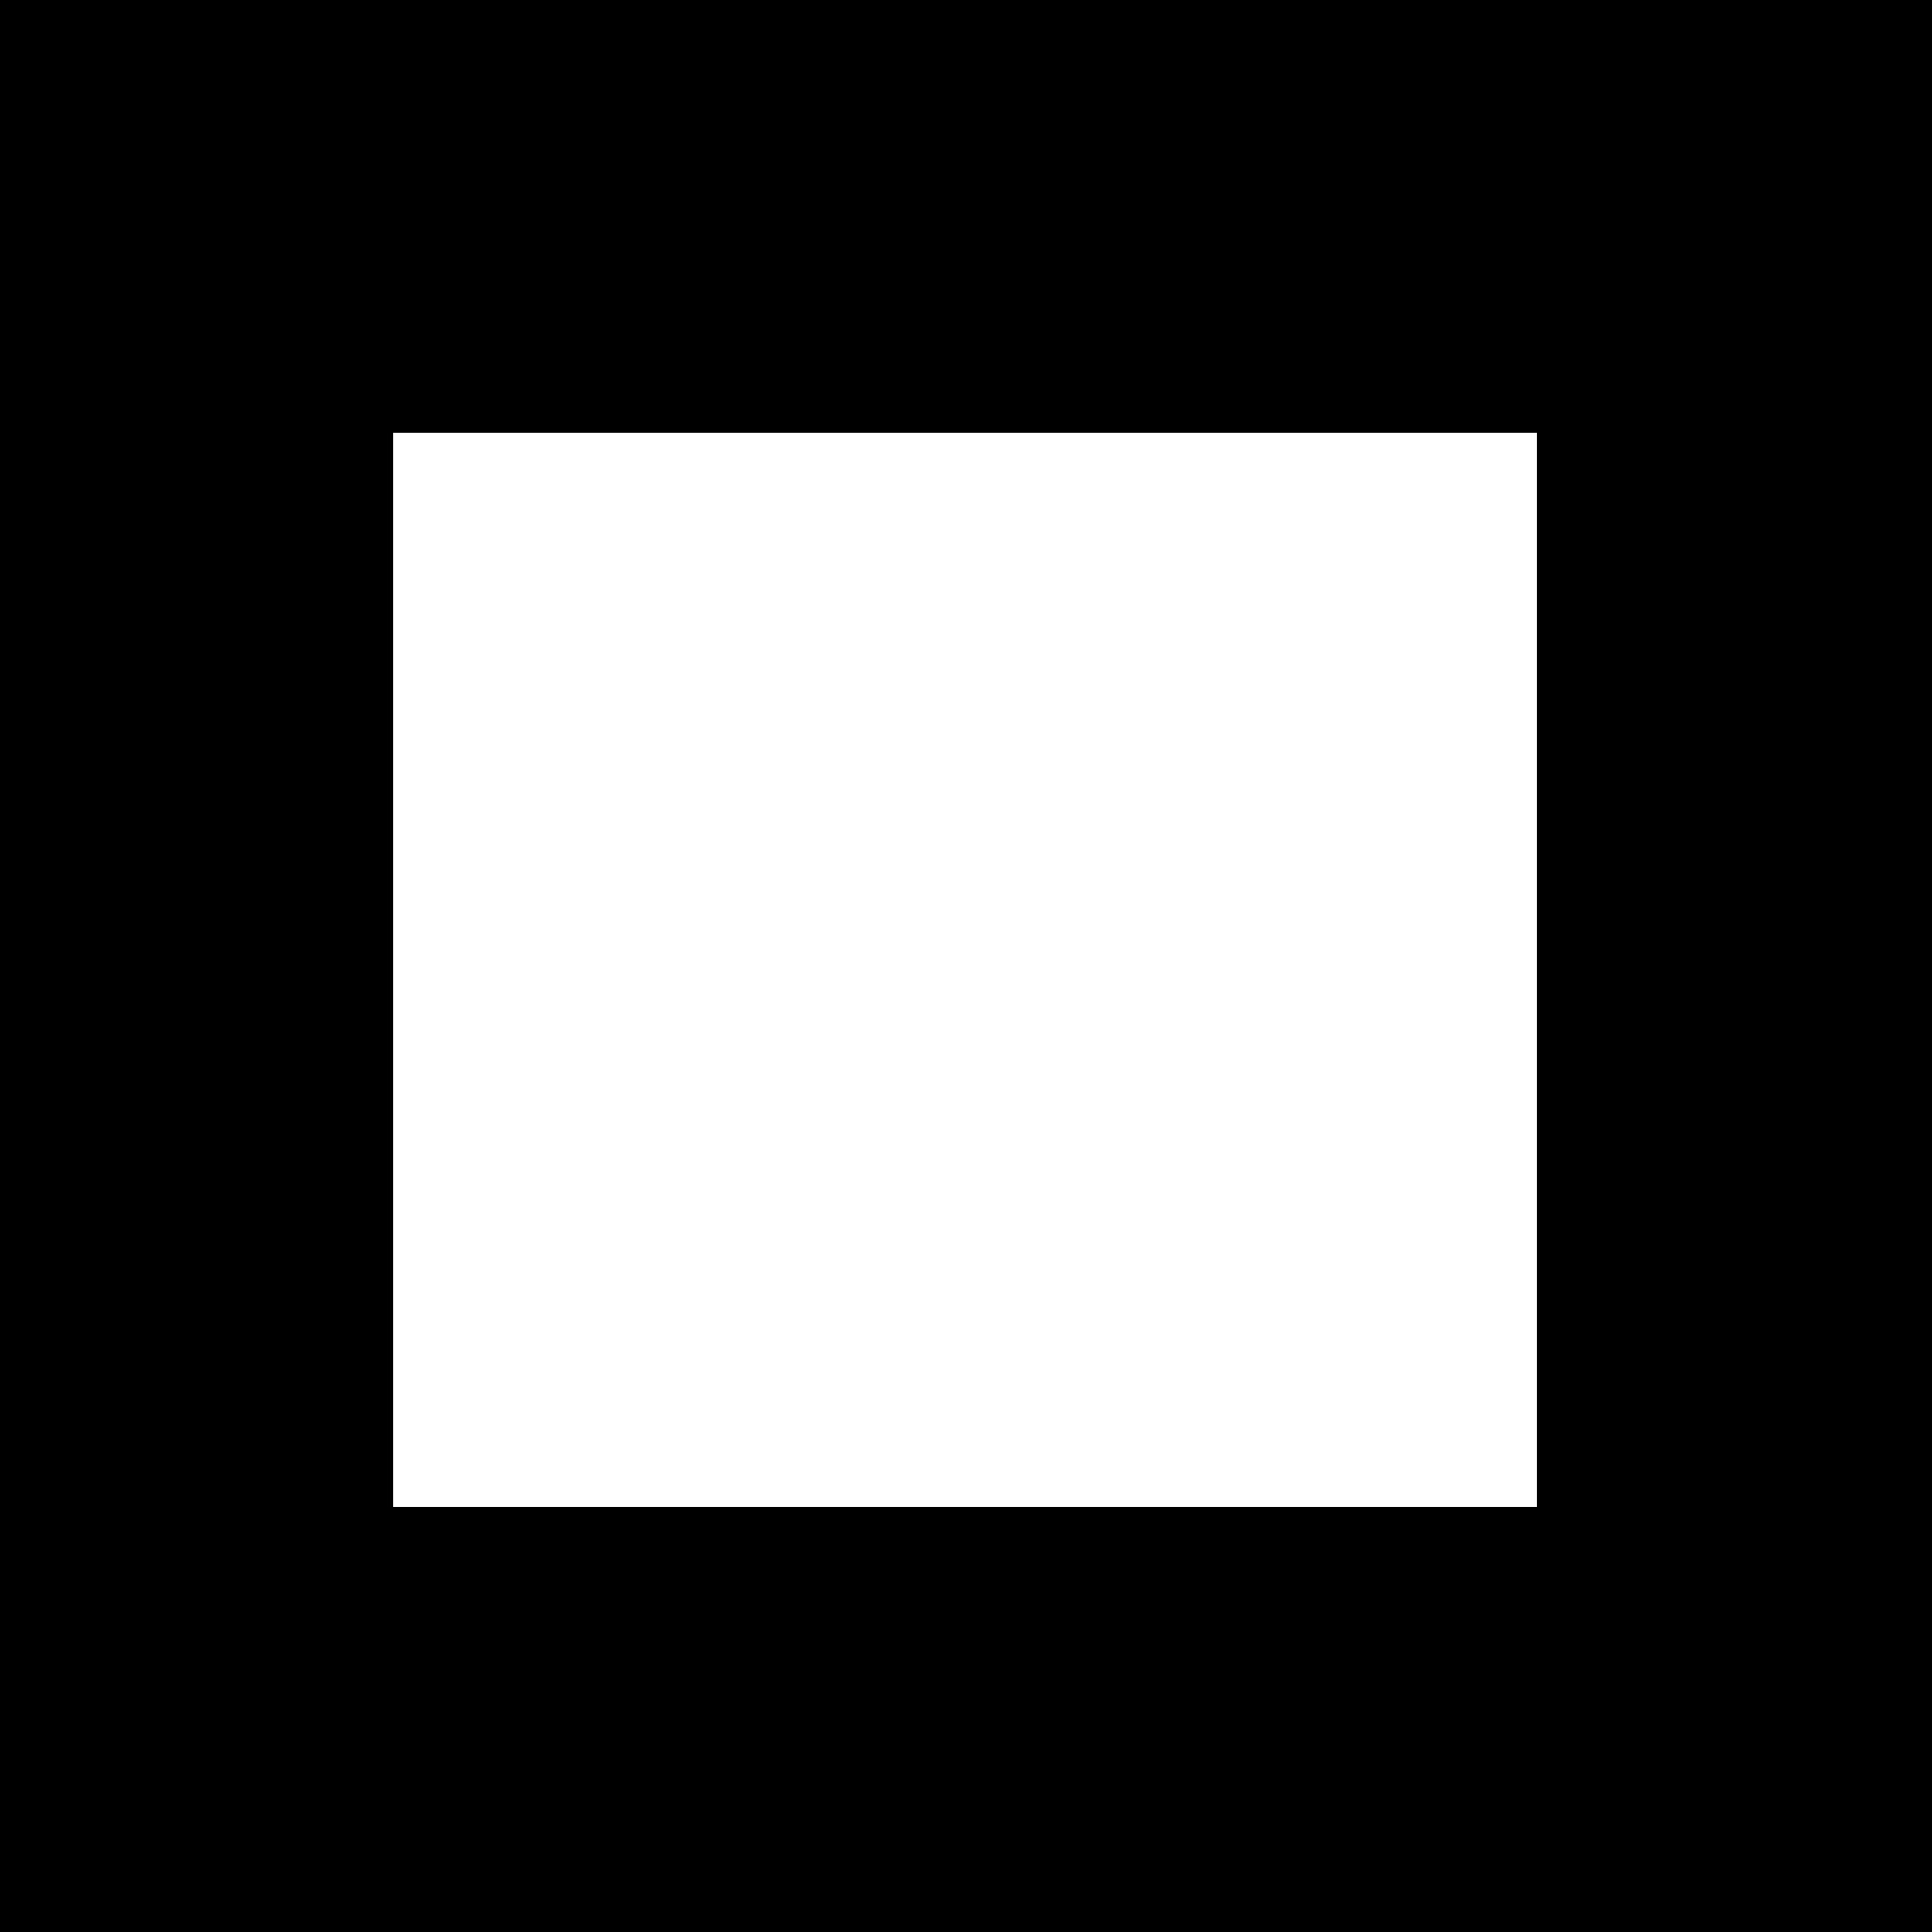 VG Bild-Kunst Funding